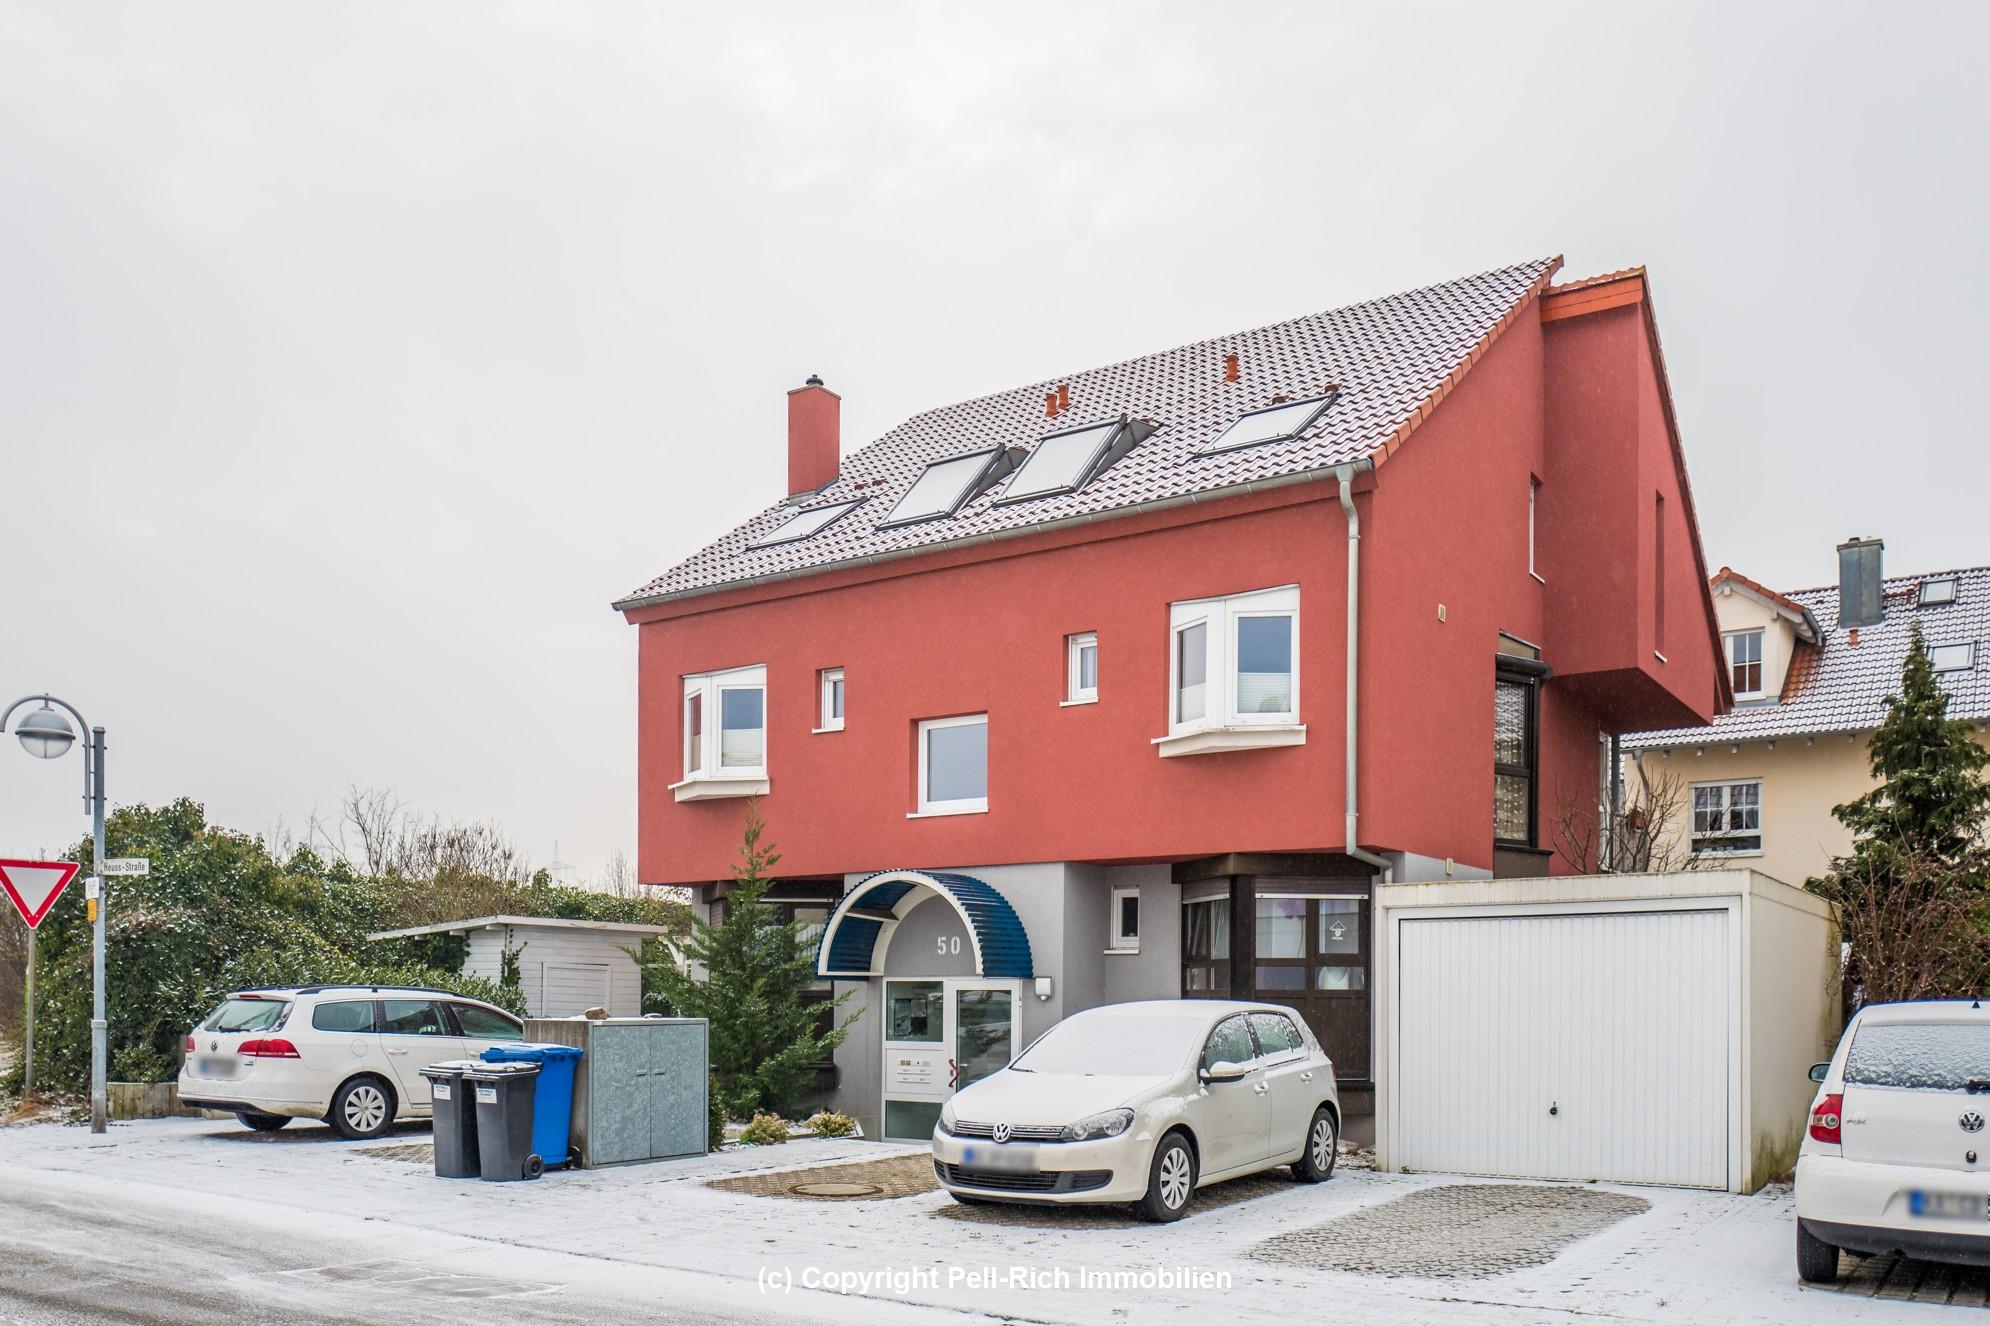 Maisonette-Wohnung: 3,5 Zimmer in moderner Wohngemeinschaft mit Garten (ca. 70m²) und Stellplatz